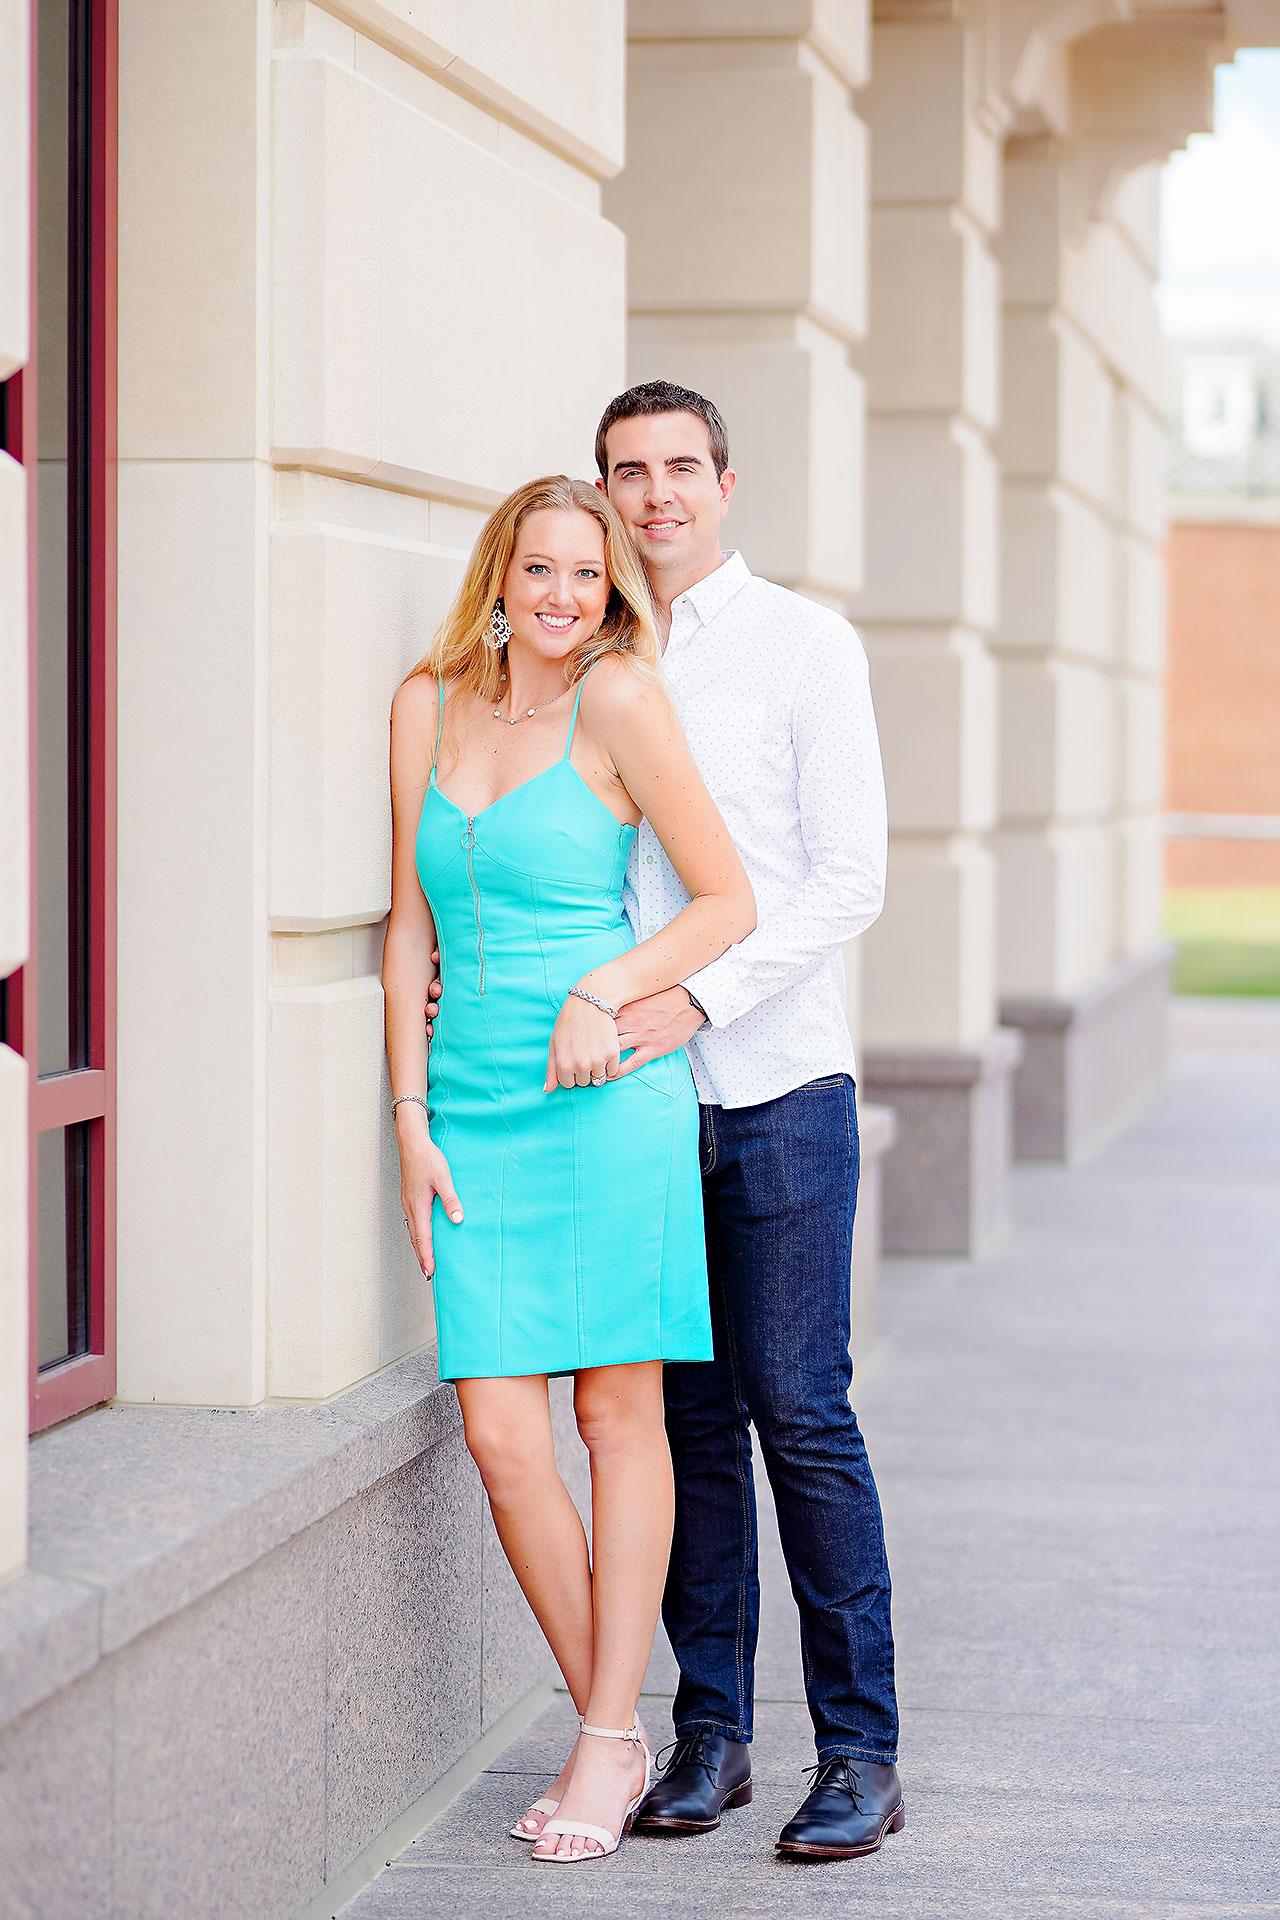 Liz Zach Midtown Carmel Engagement Session 103